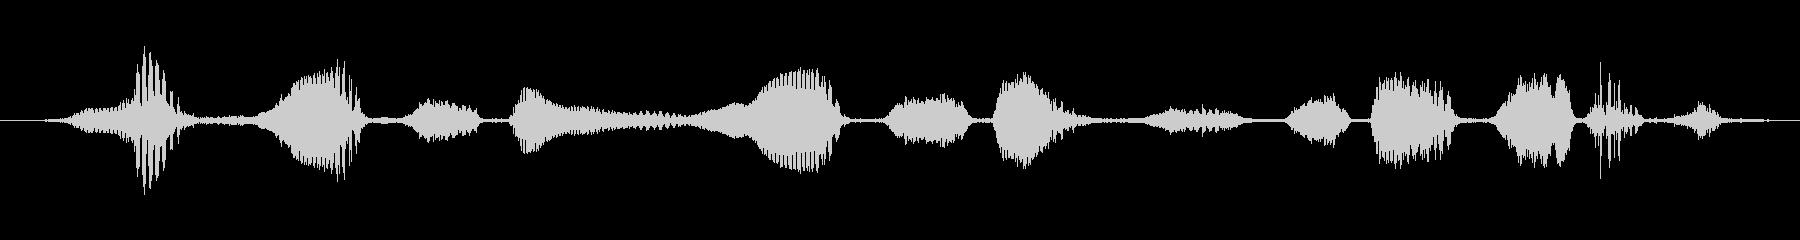 ロバ 泣き文句03の未再生の波形